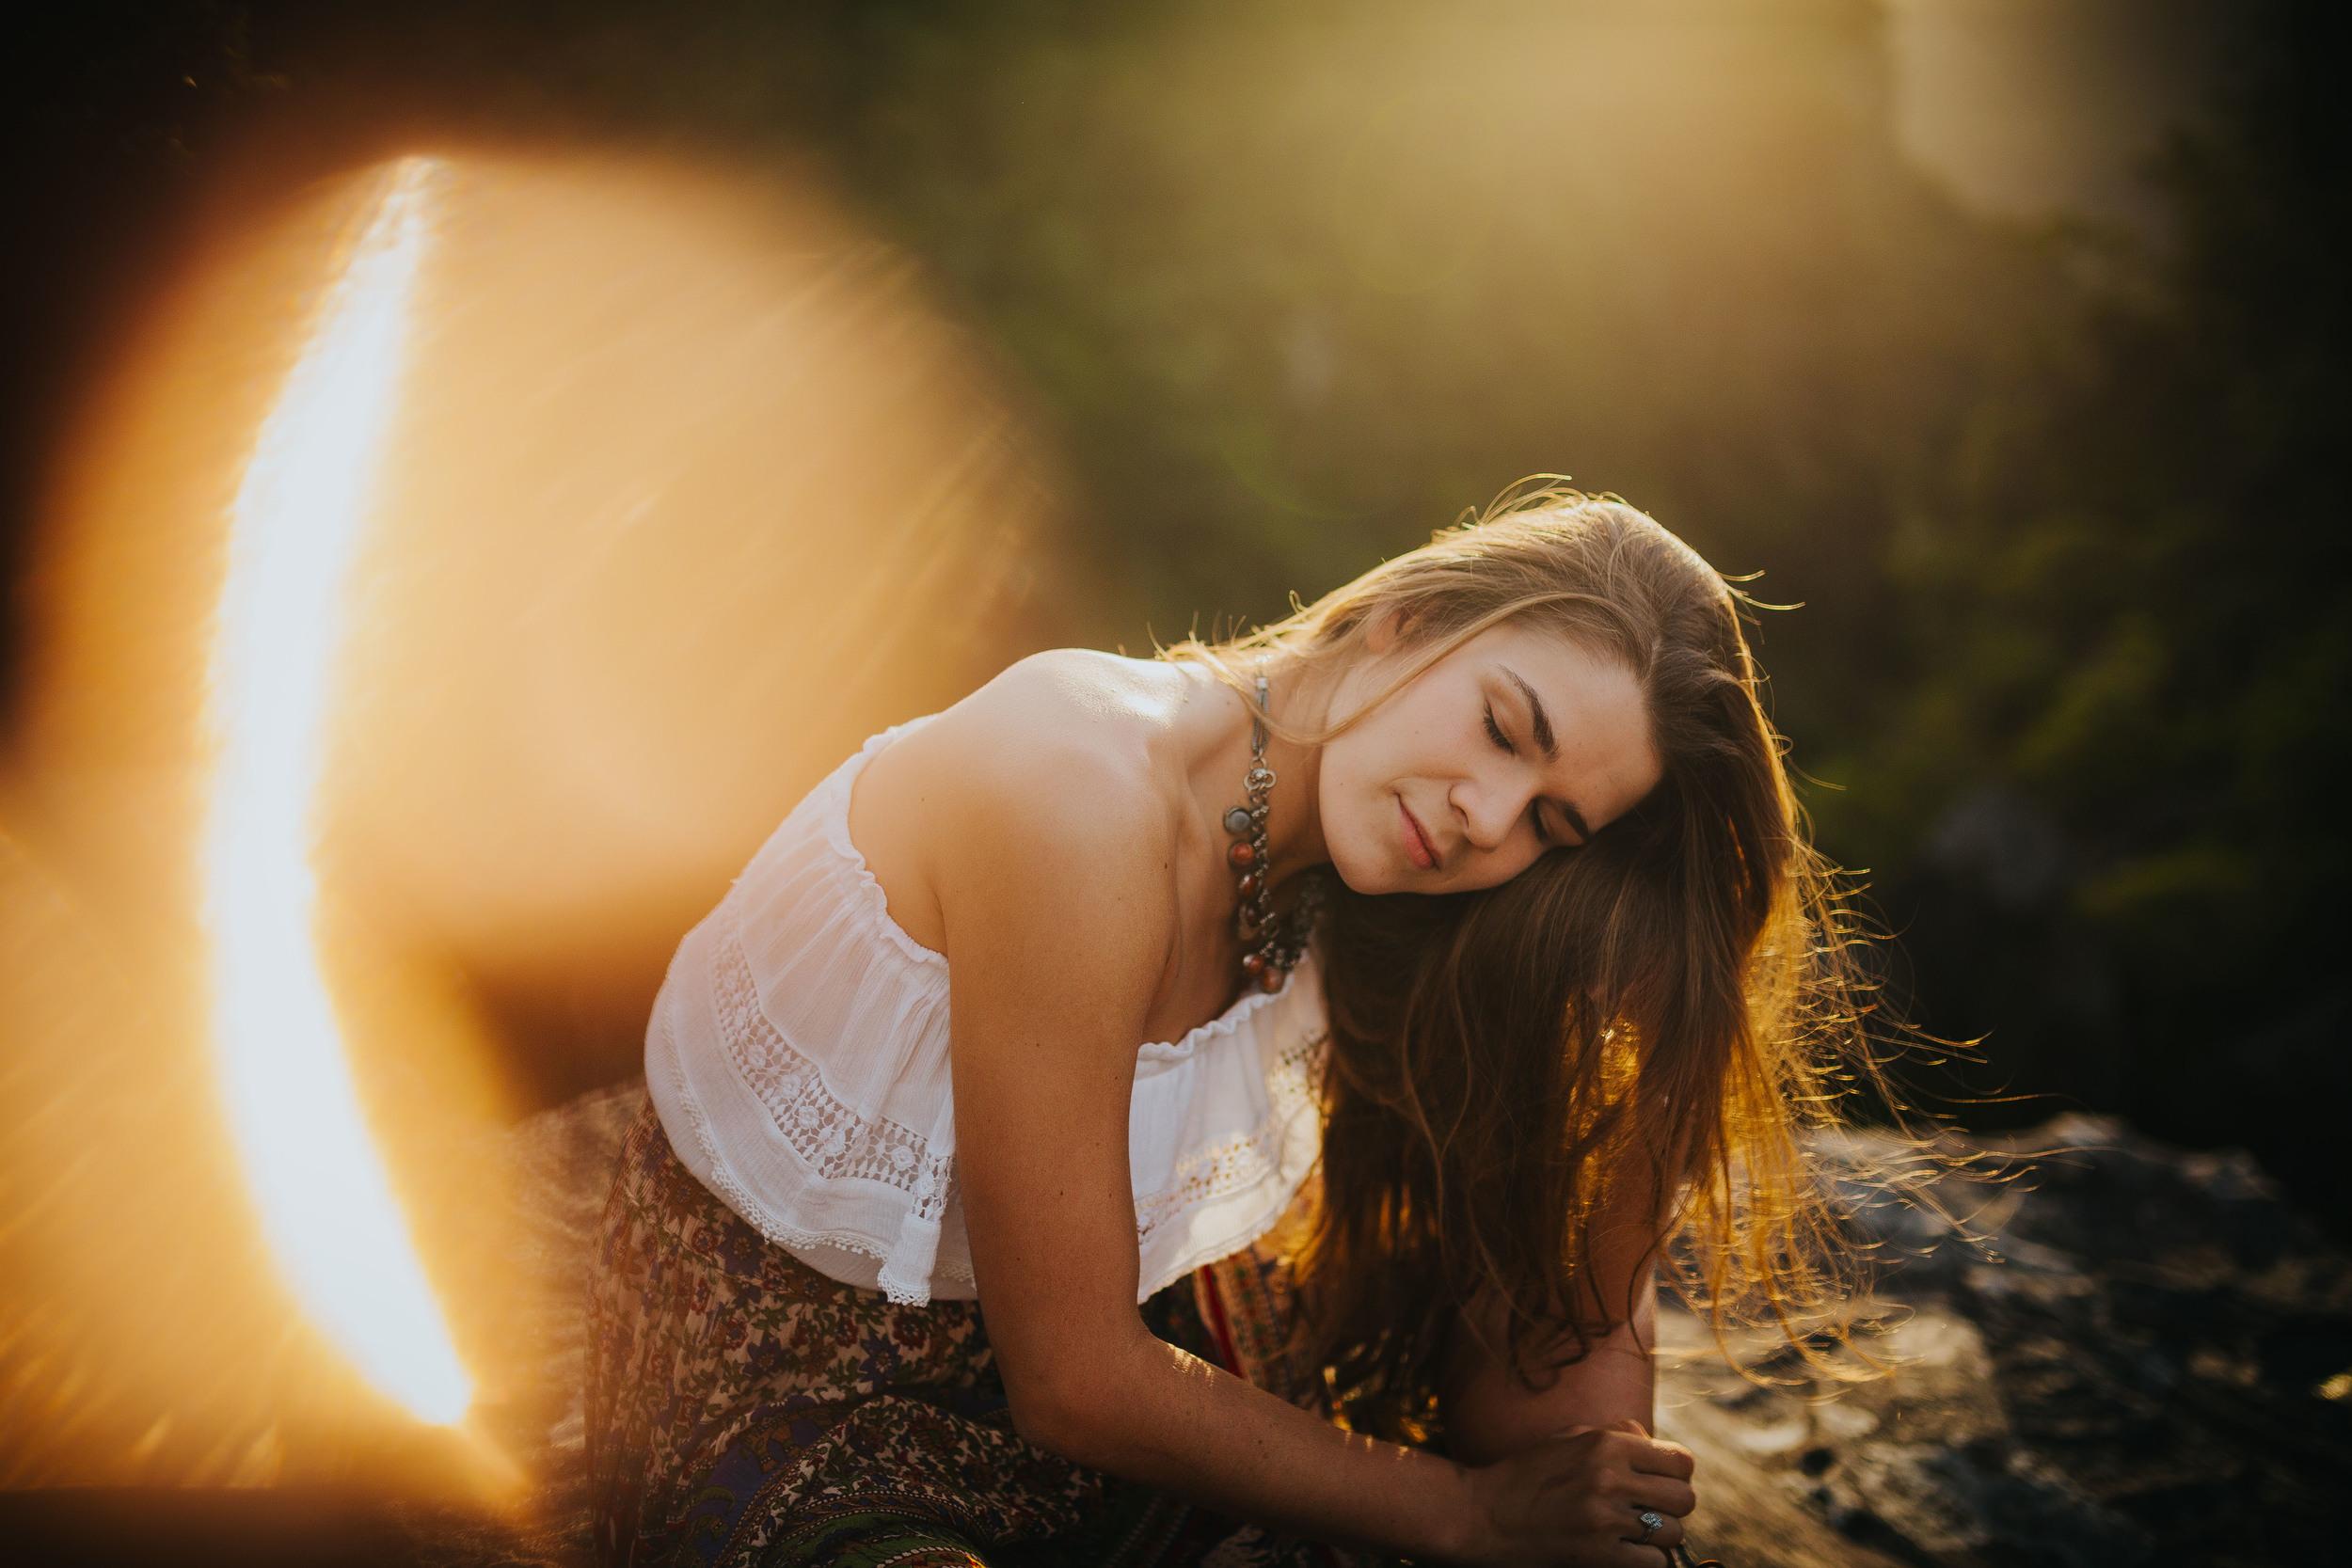 Megan_alanataylorphotographyBLOG-50.jpg